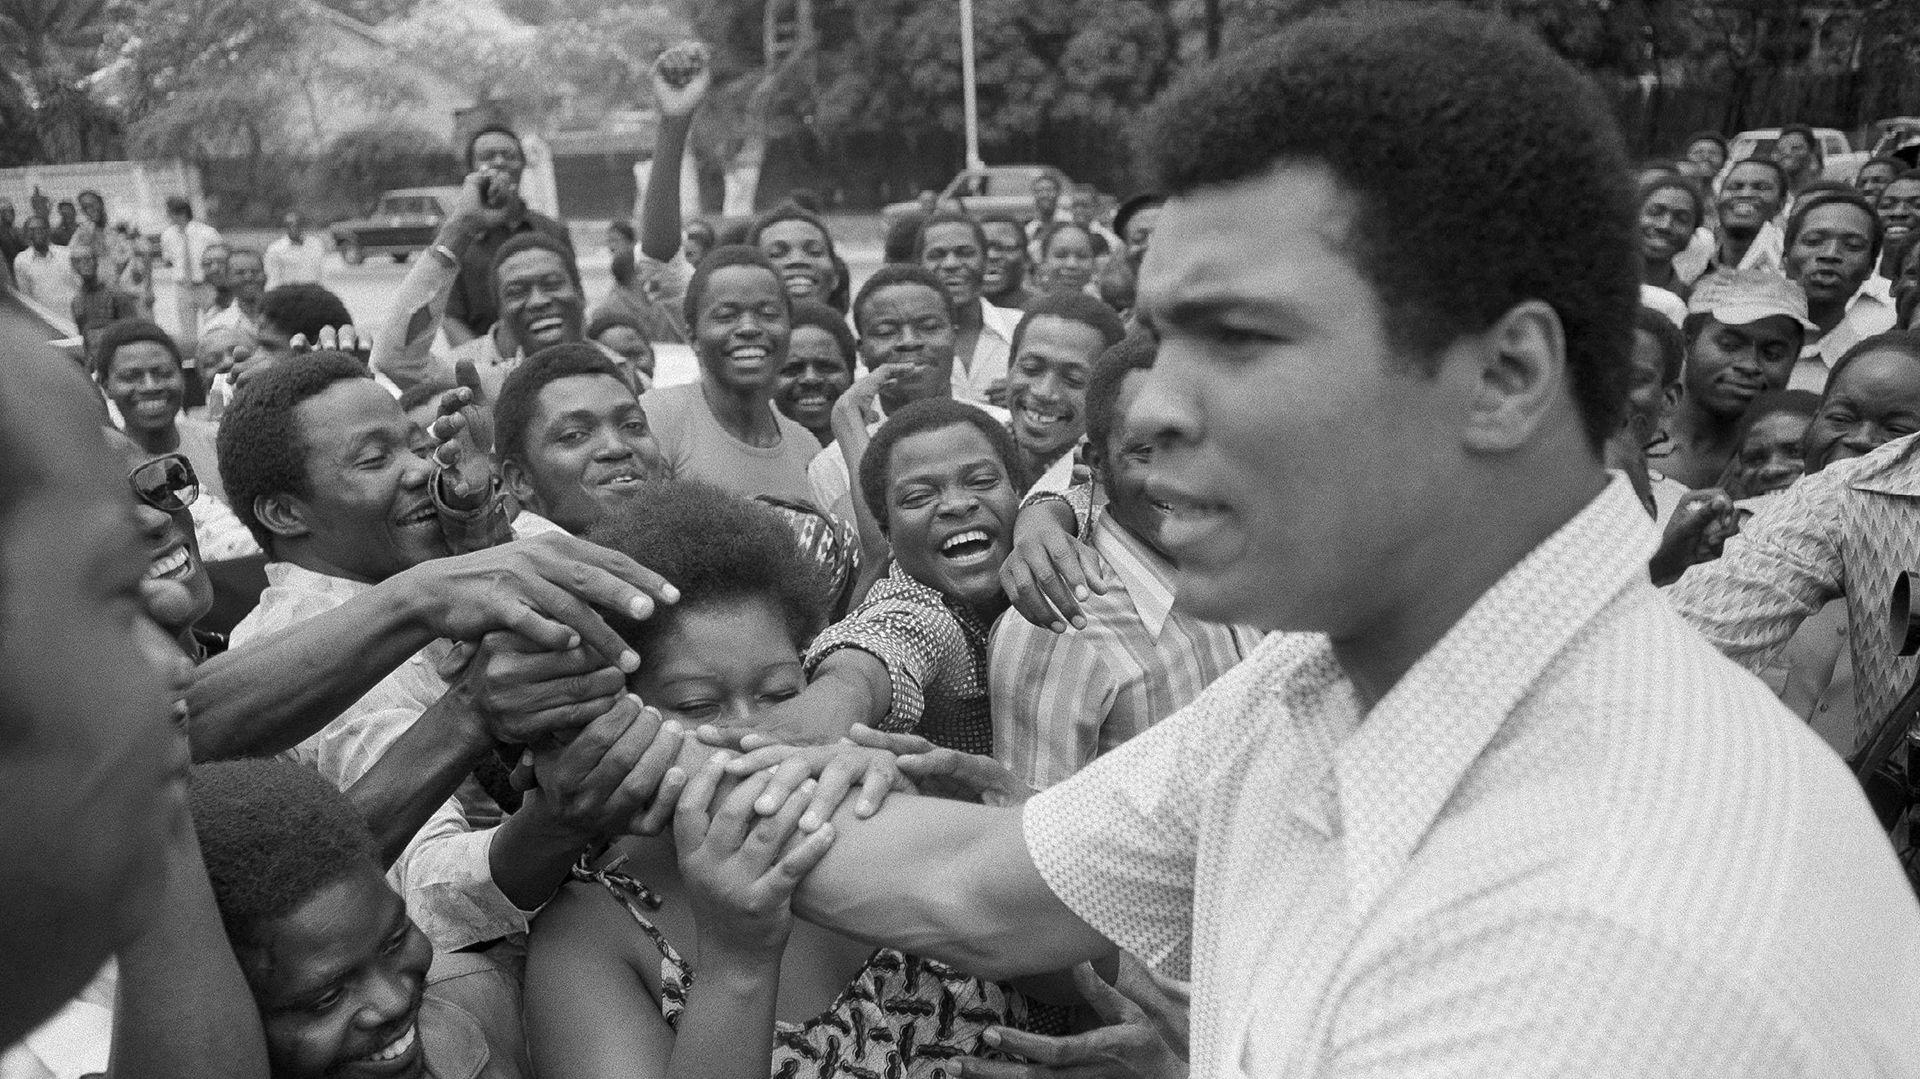 """Alí saluda a los lugareños en Kinshasa, donde fue local. Él mismo se definía como """"el negro de los negros"""" y a Foreman como """"el negro de los blancos"""". AP"""